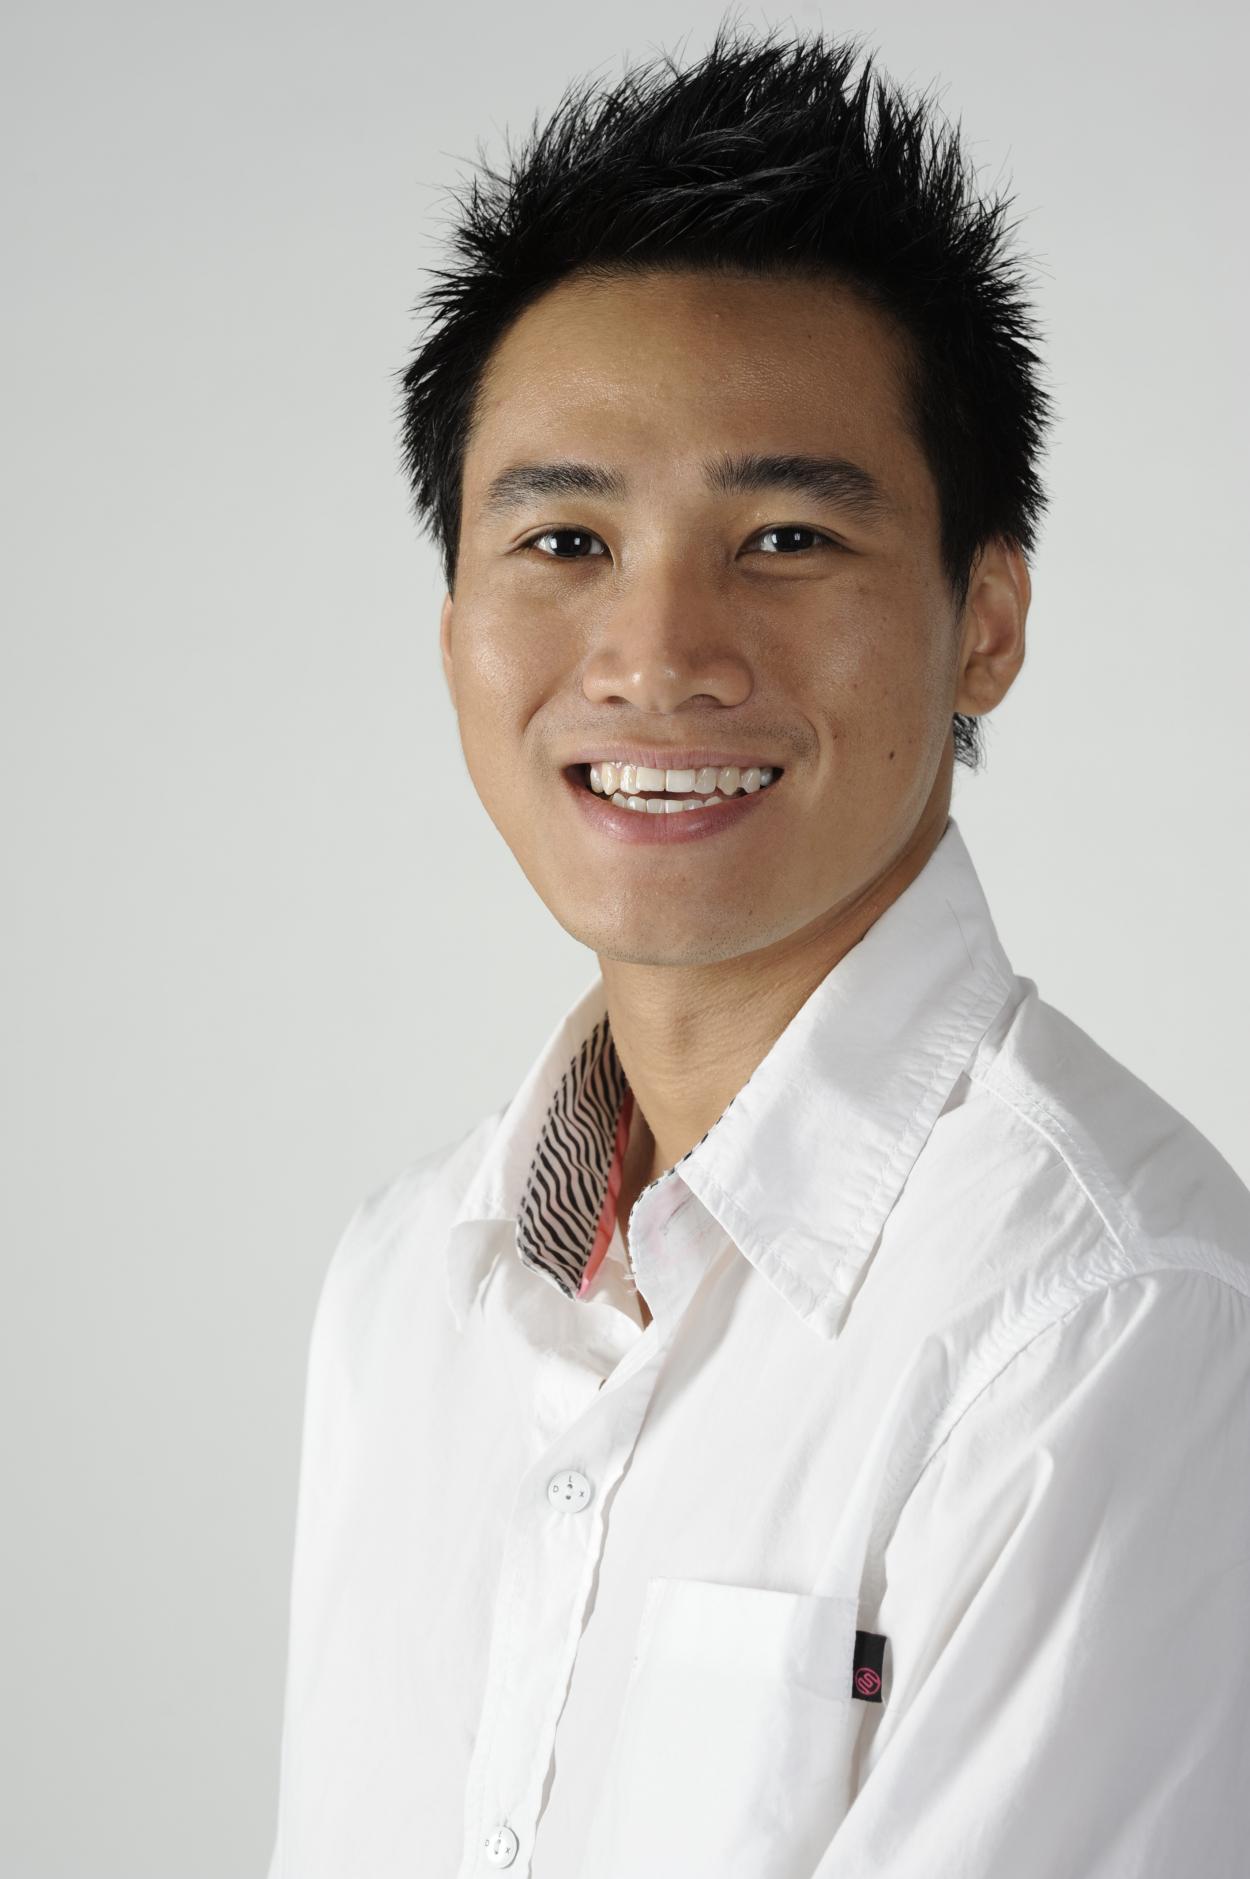 докторант Университета Южной Австралии и директор собственной студии йоги в Аделаиде Рассел В. Чан